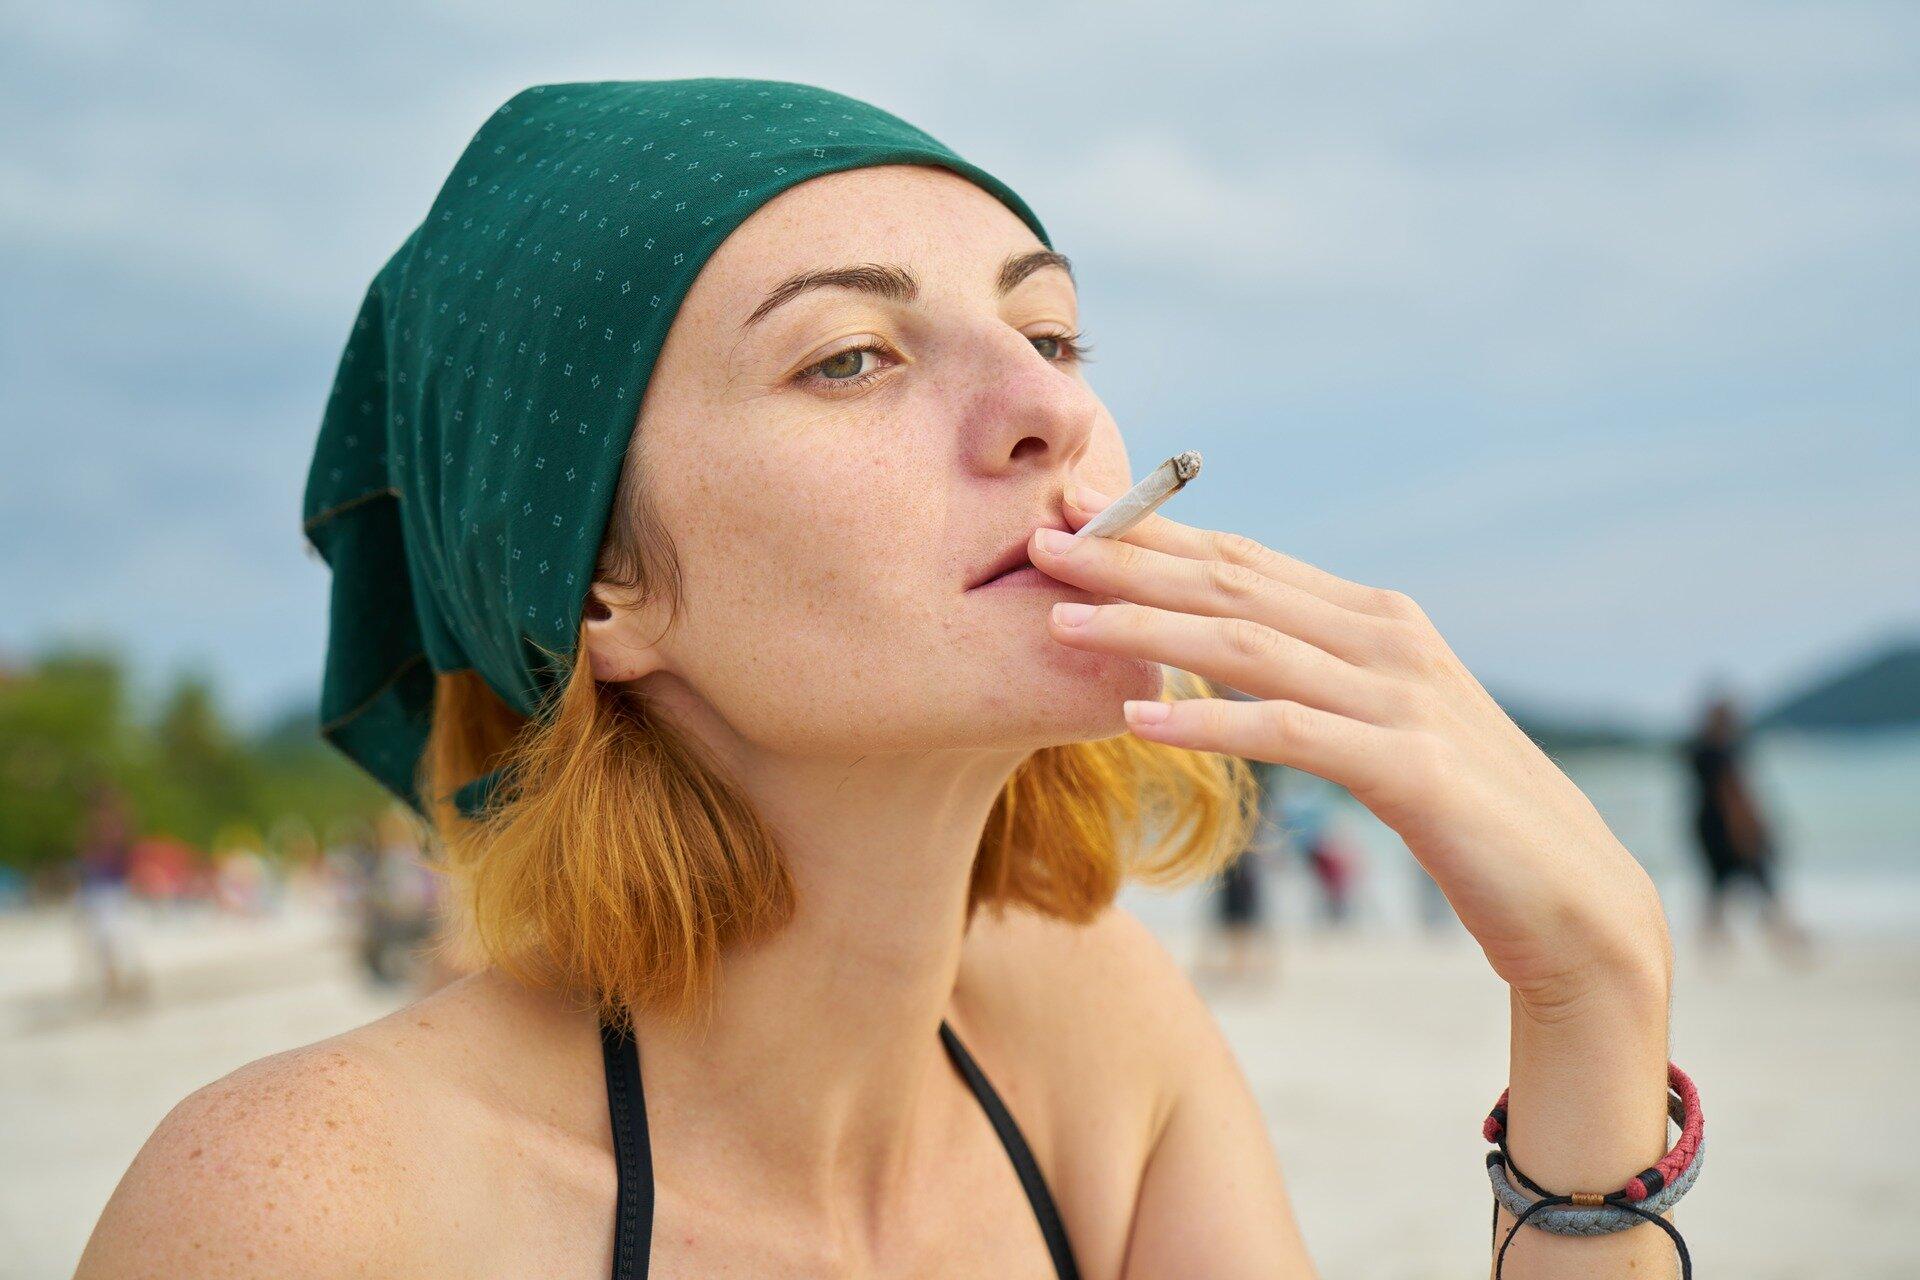 Aussie Rauchen fällt die Geschwindigkeit, Alkoholkonsum stabil, aber die Verwendung von einigen illegalen Drogen ist bis